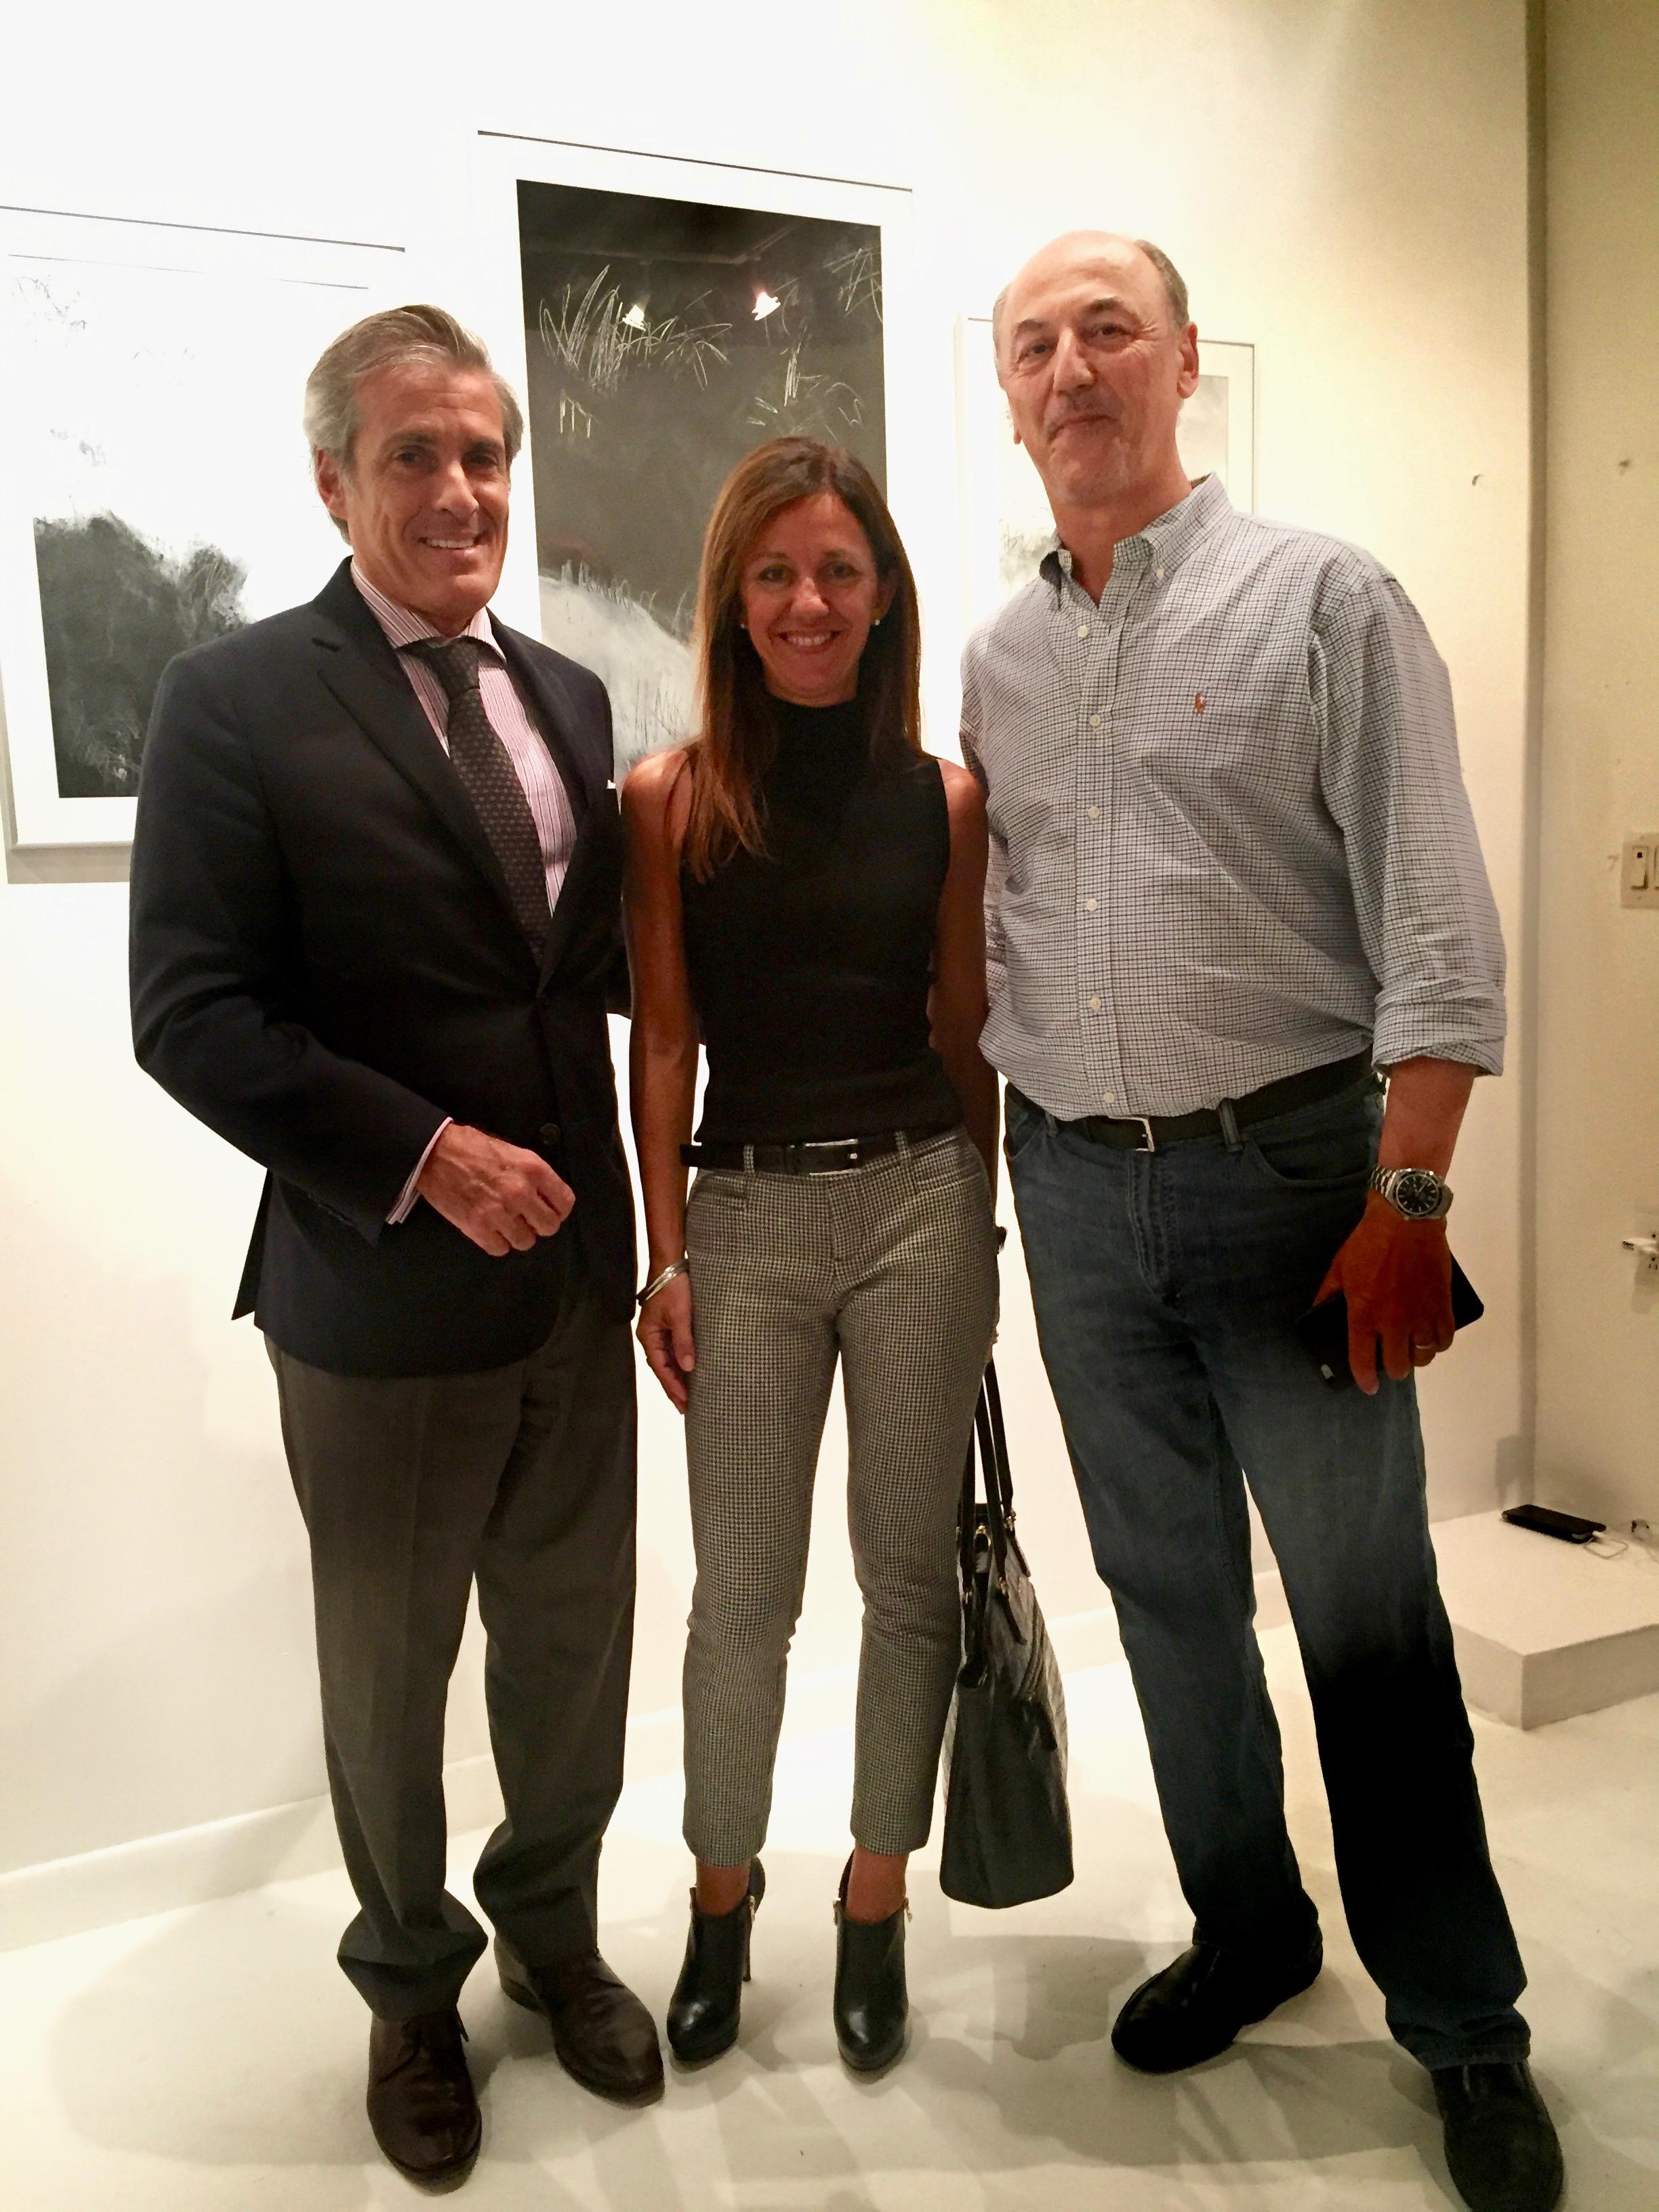 Ricardo and Graciela Trotti, with Argentine Consul in Miami, Marcelo Guisto